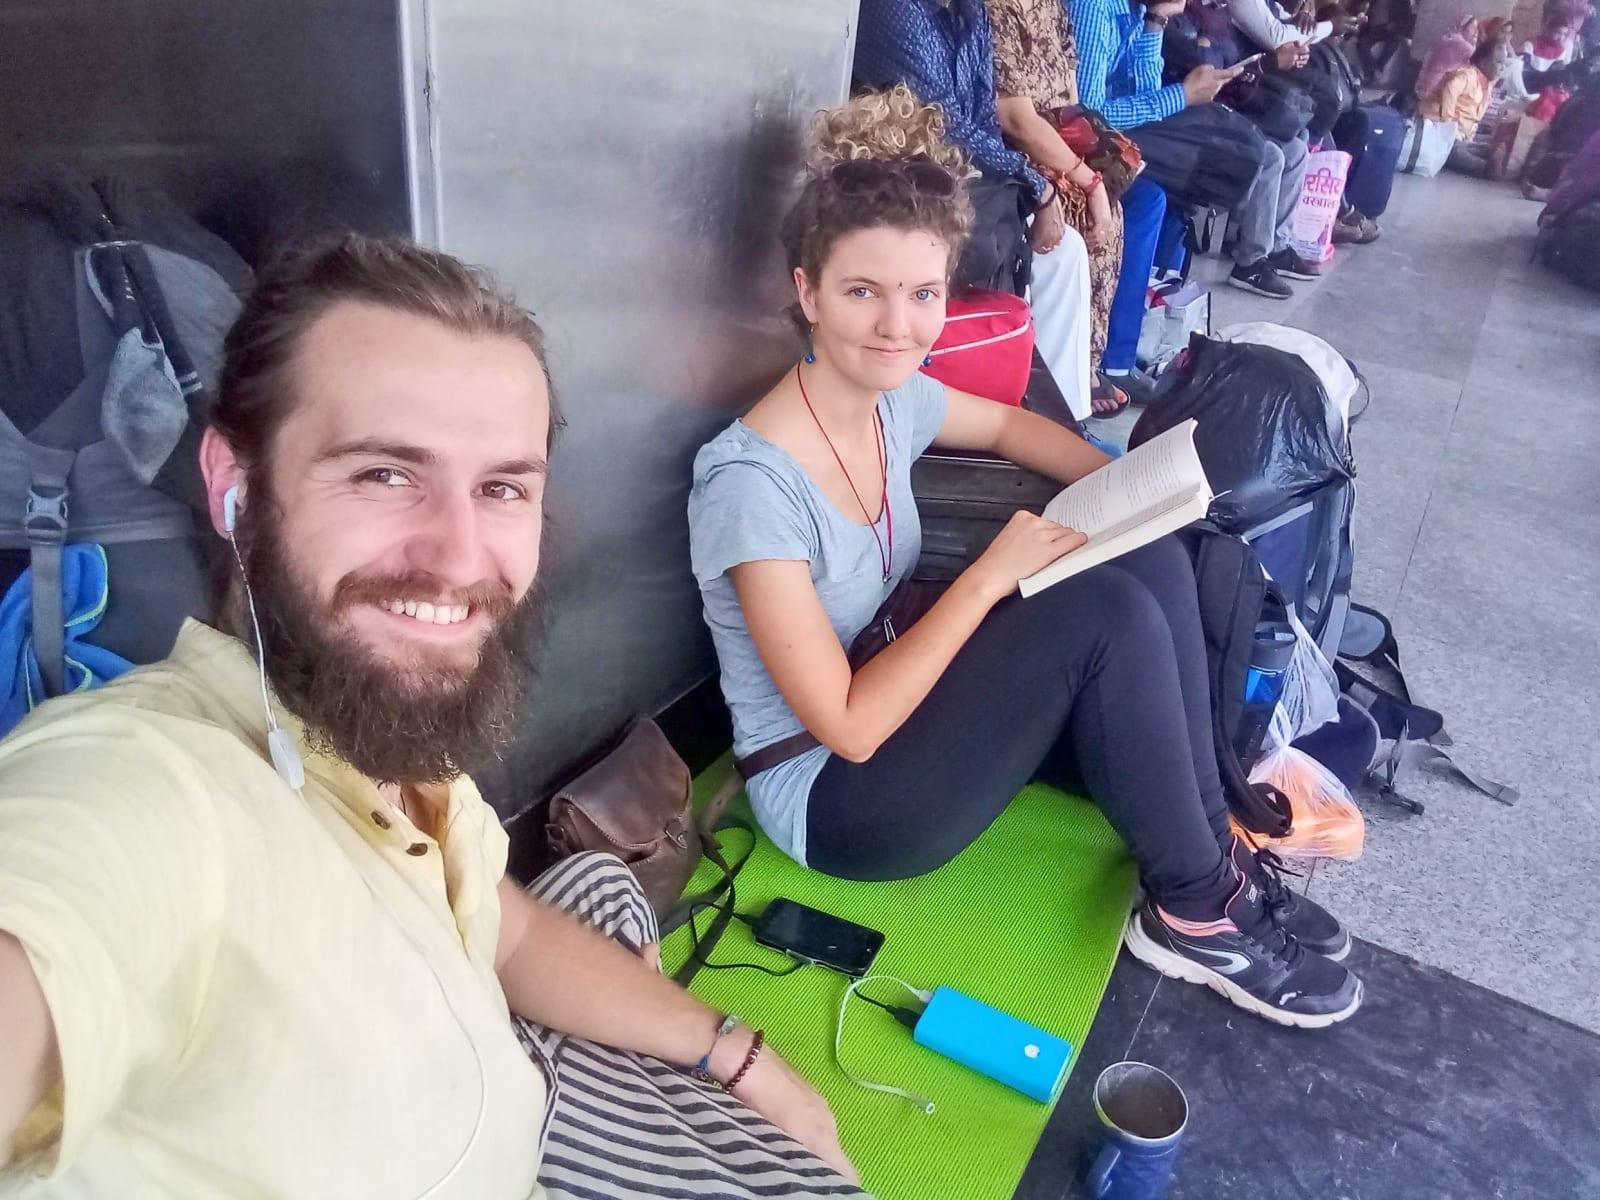 Čekáme na vlak z Kolkaty do Varanásí